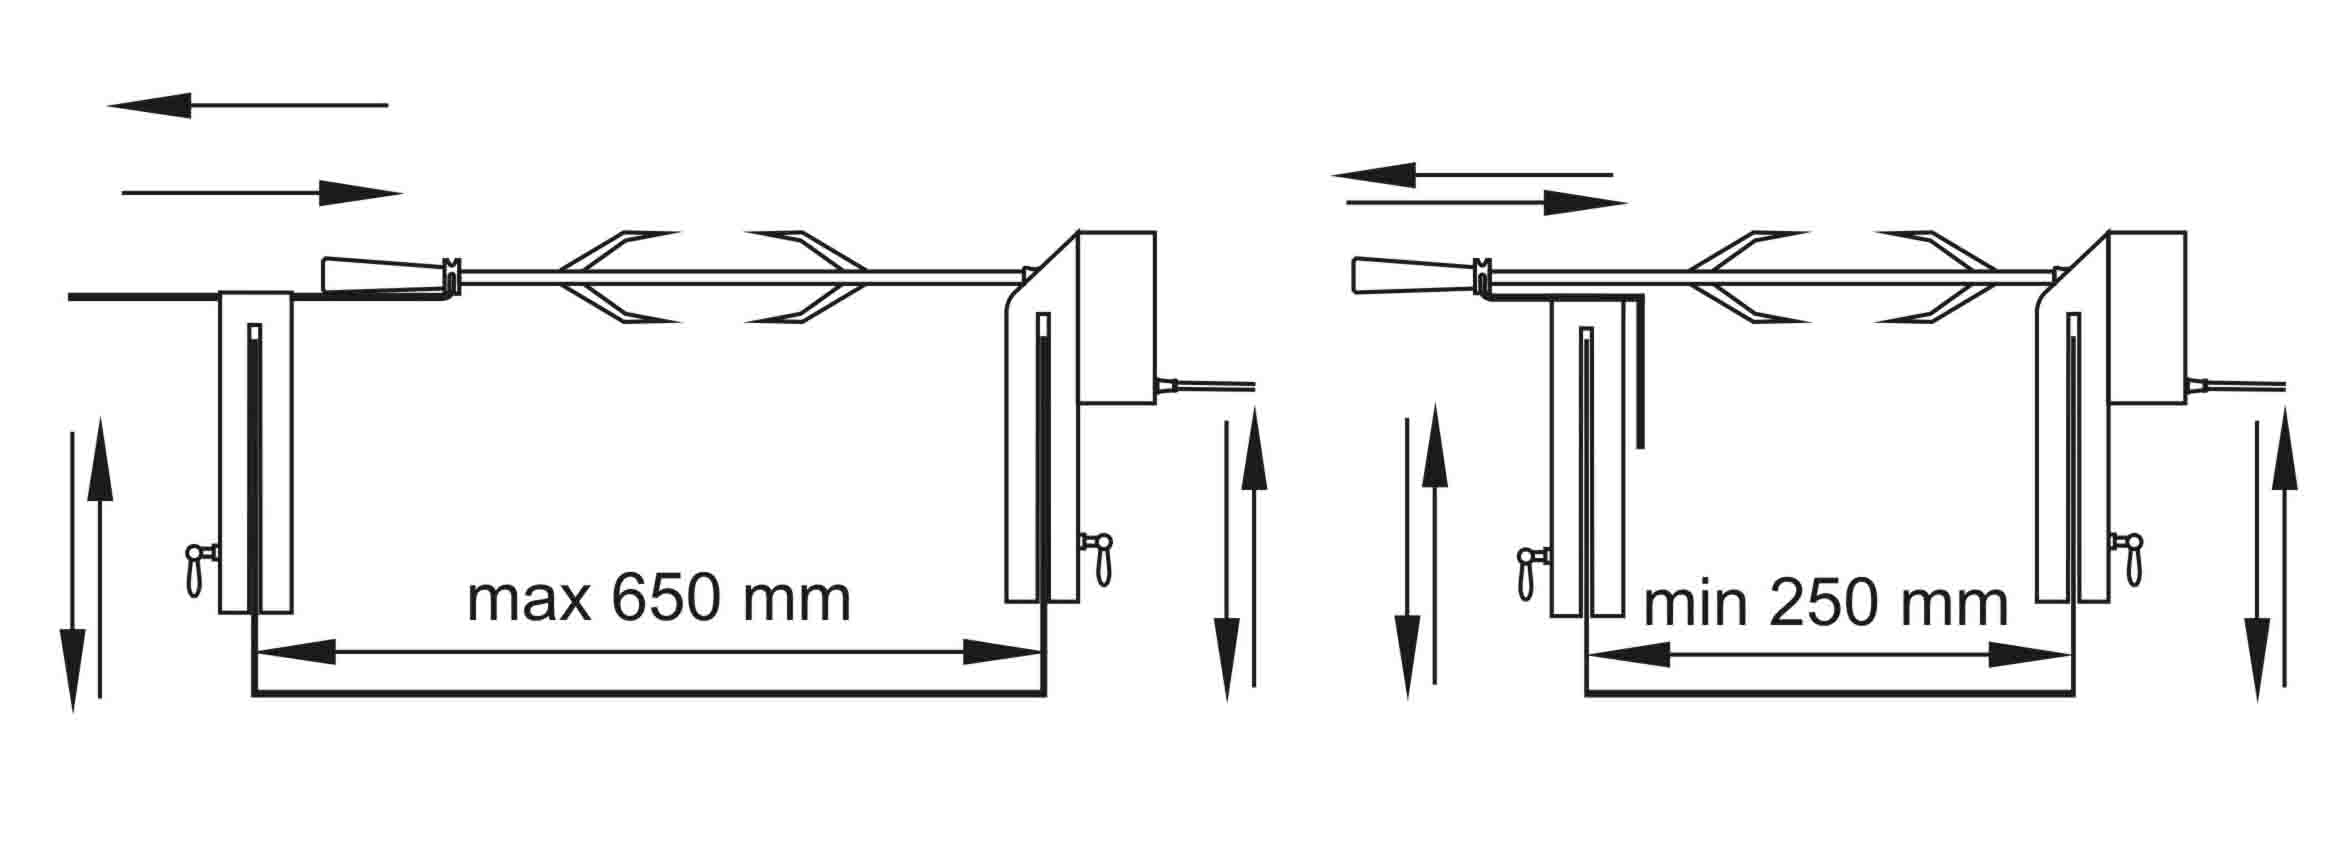 Установочные размеры электровертела